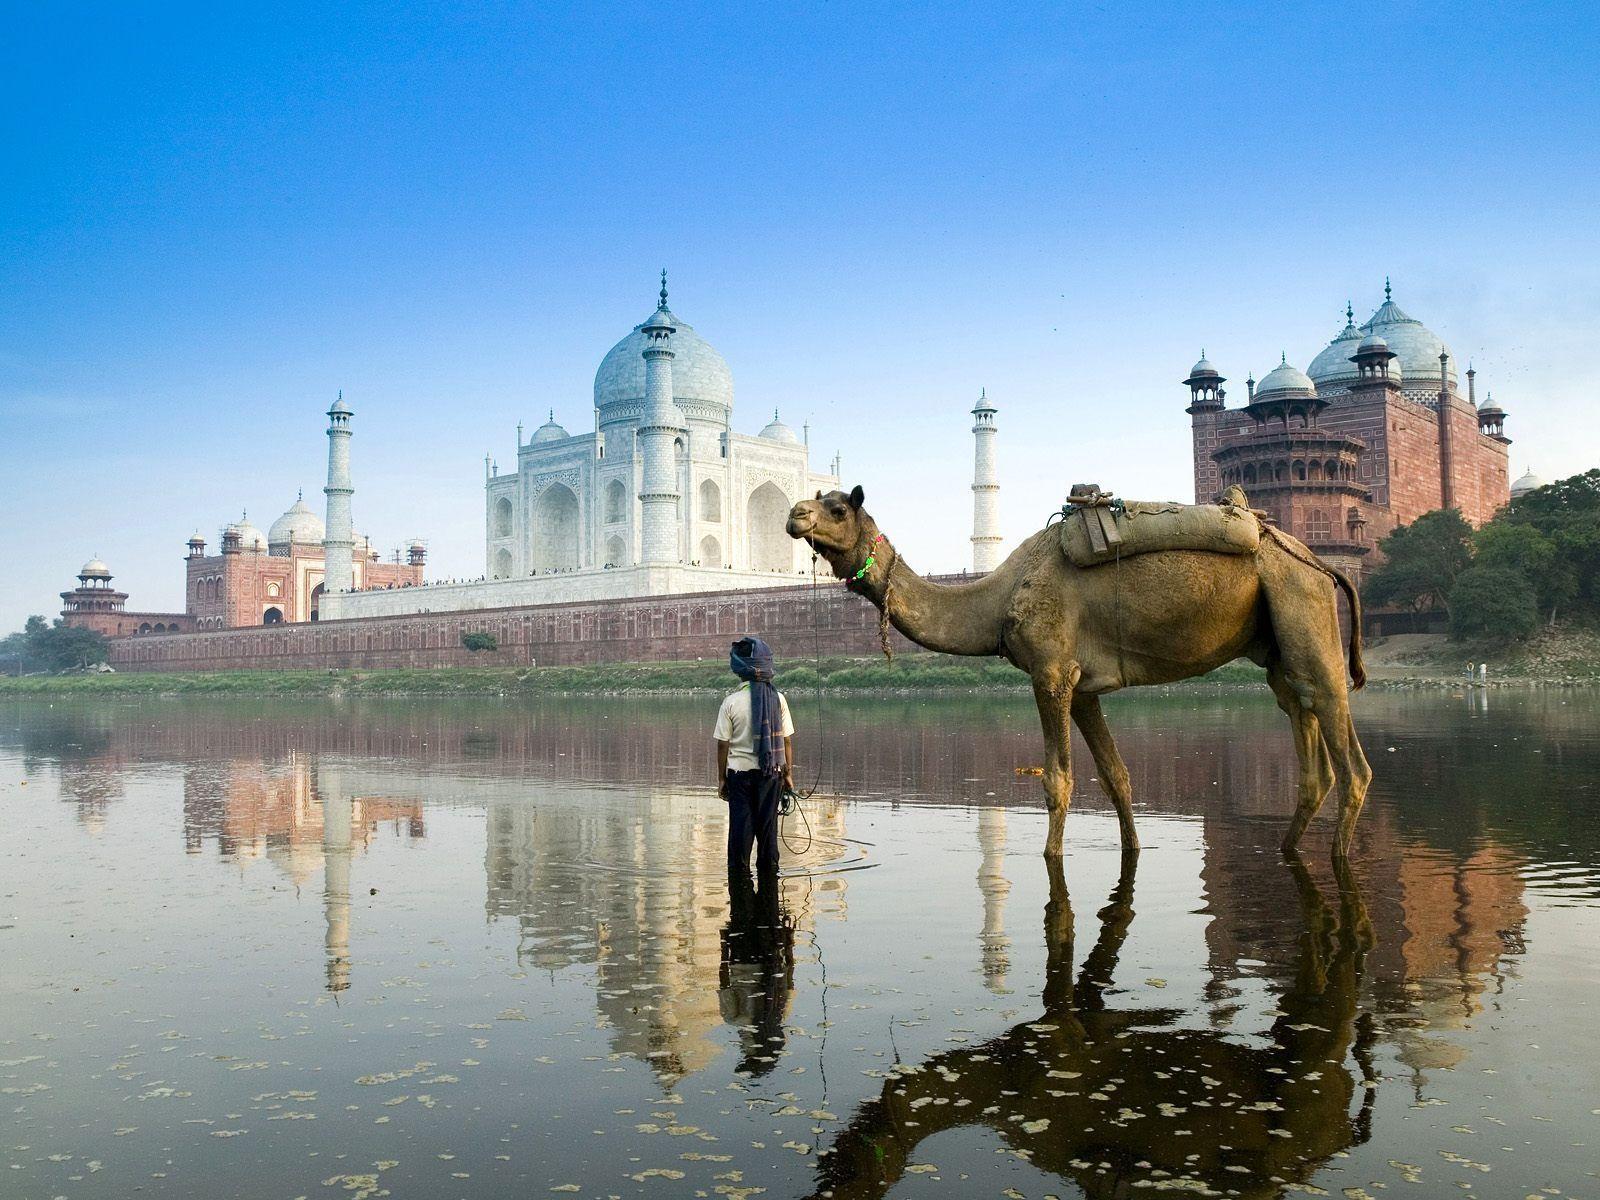 1600x1200 Yamuna River Agra India Wallpaper ở định dạng jpg để tải xuống miễn phí